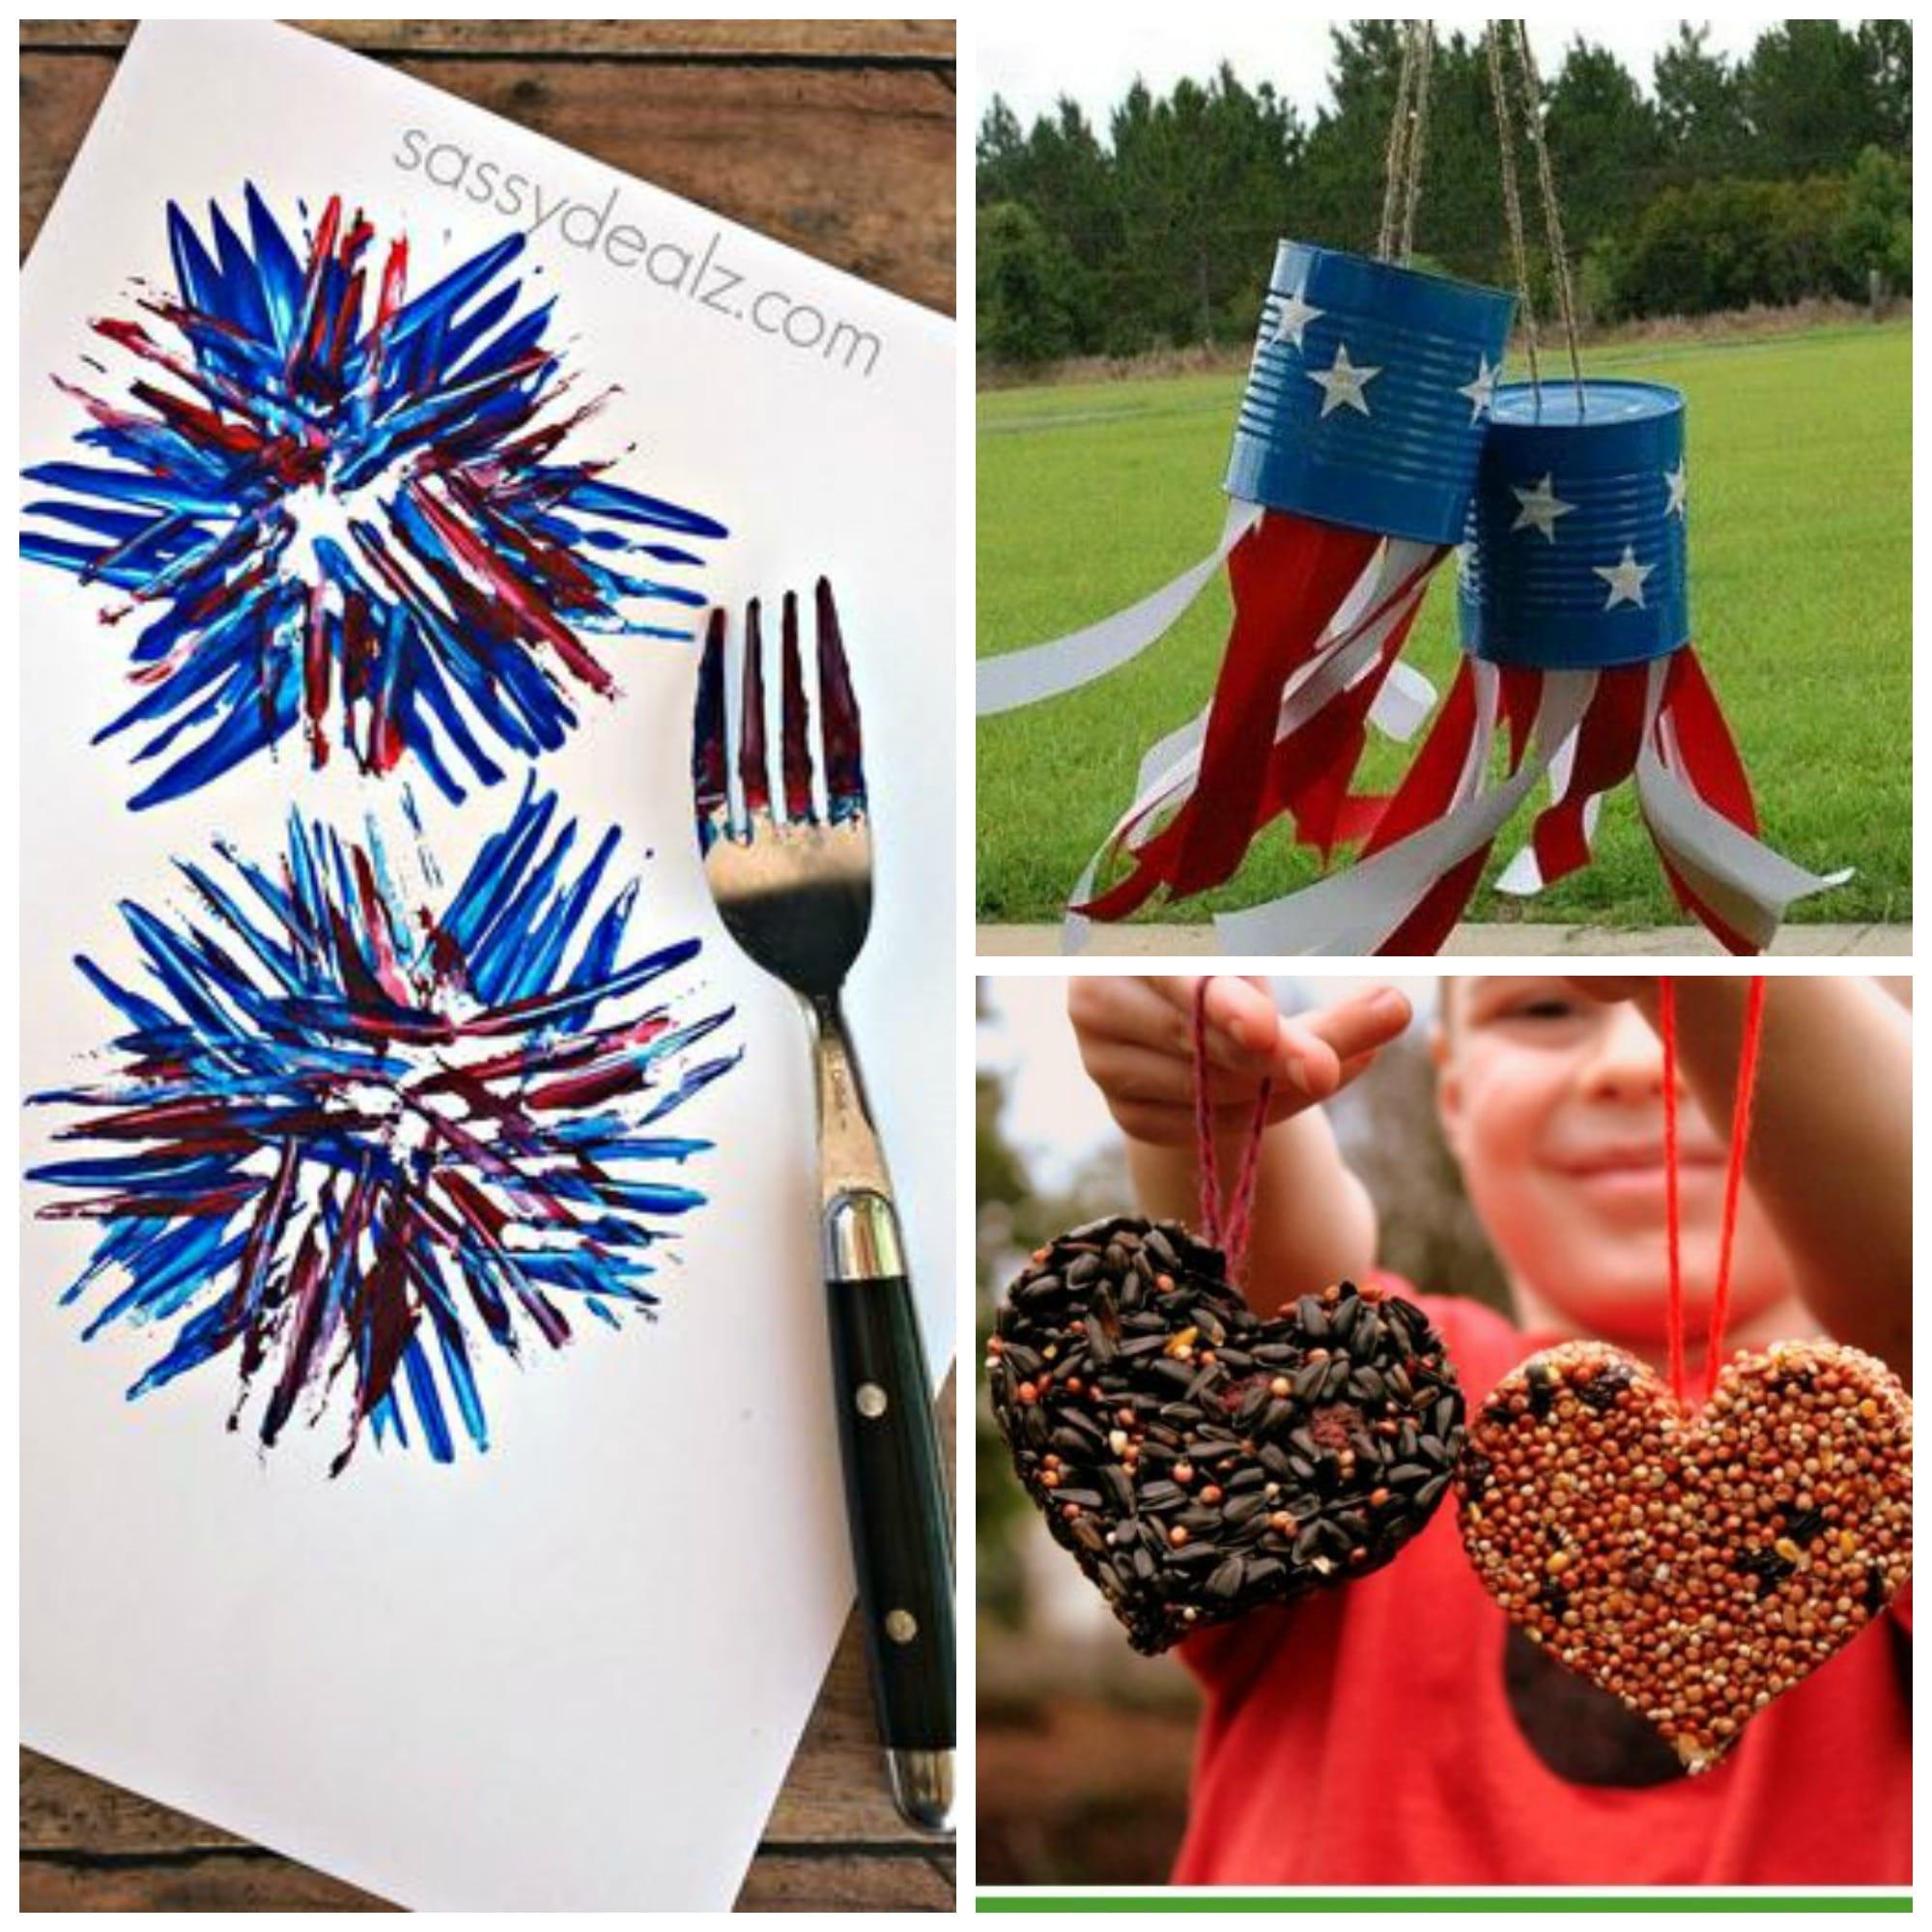 Kids Craft Ideas From Pinterest